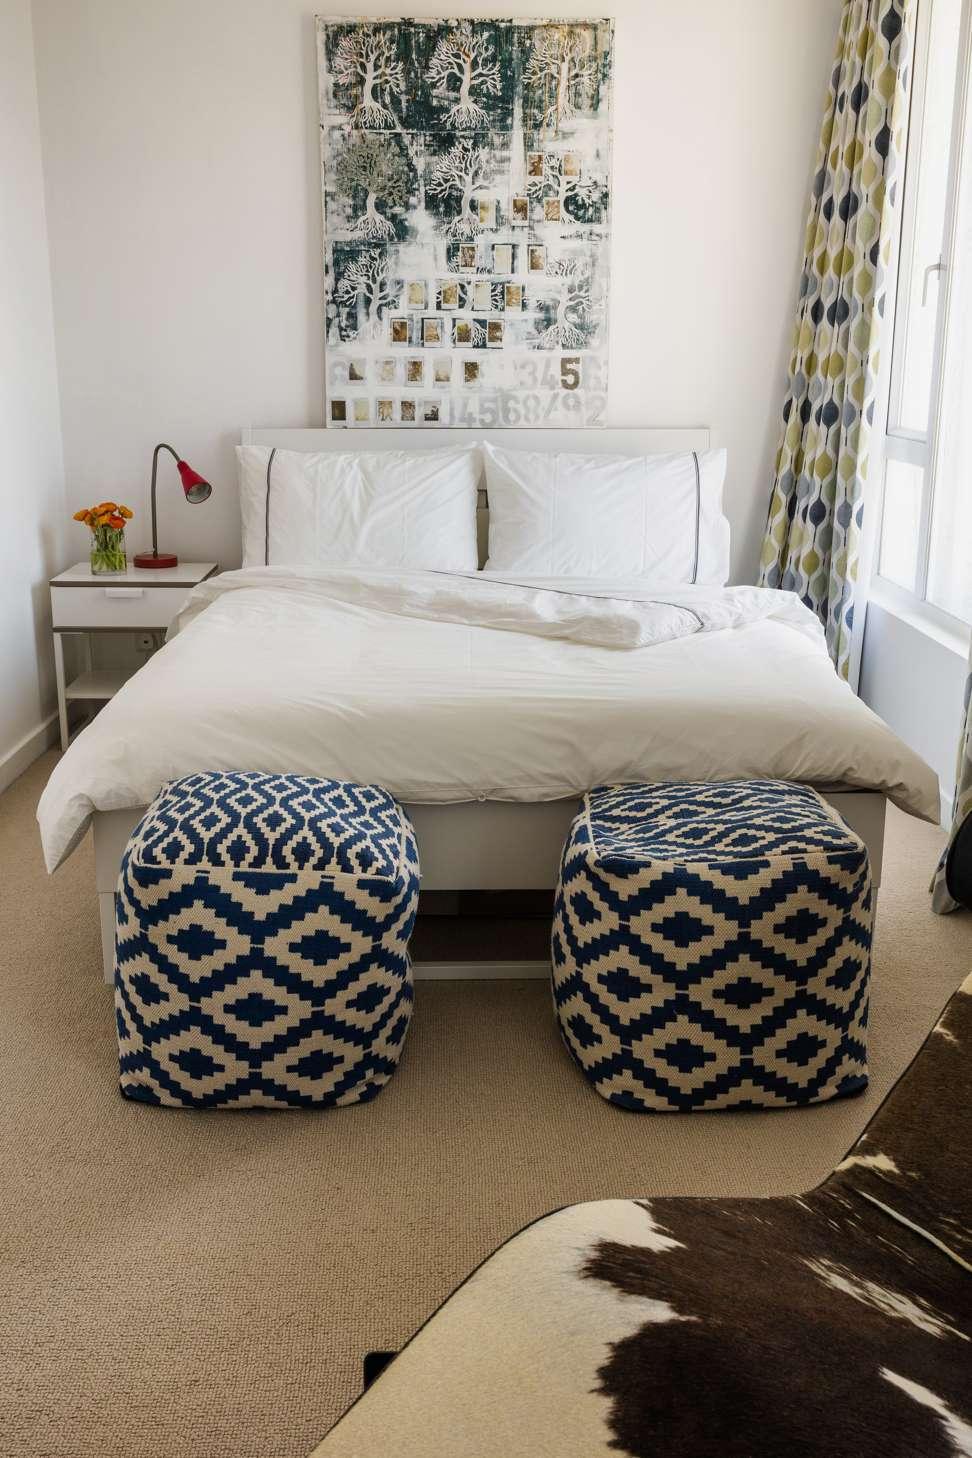 Meet the Australian Feeling in a Modern Home Decor! 6 modern home decor Meet the Australian Feeling in a Modern Home Decor! Meet the Australian Feeling in a Modern Home Decor 6